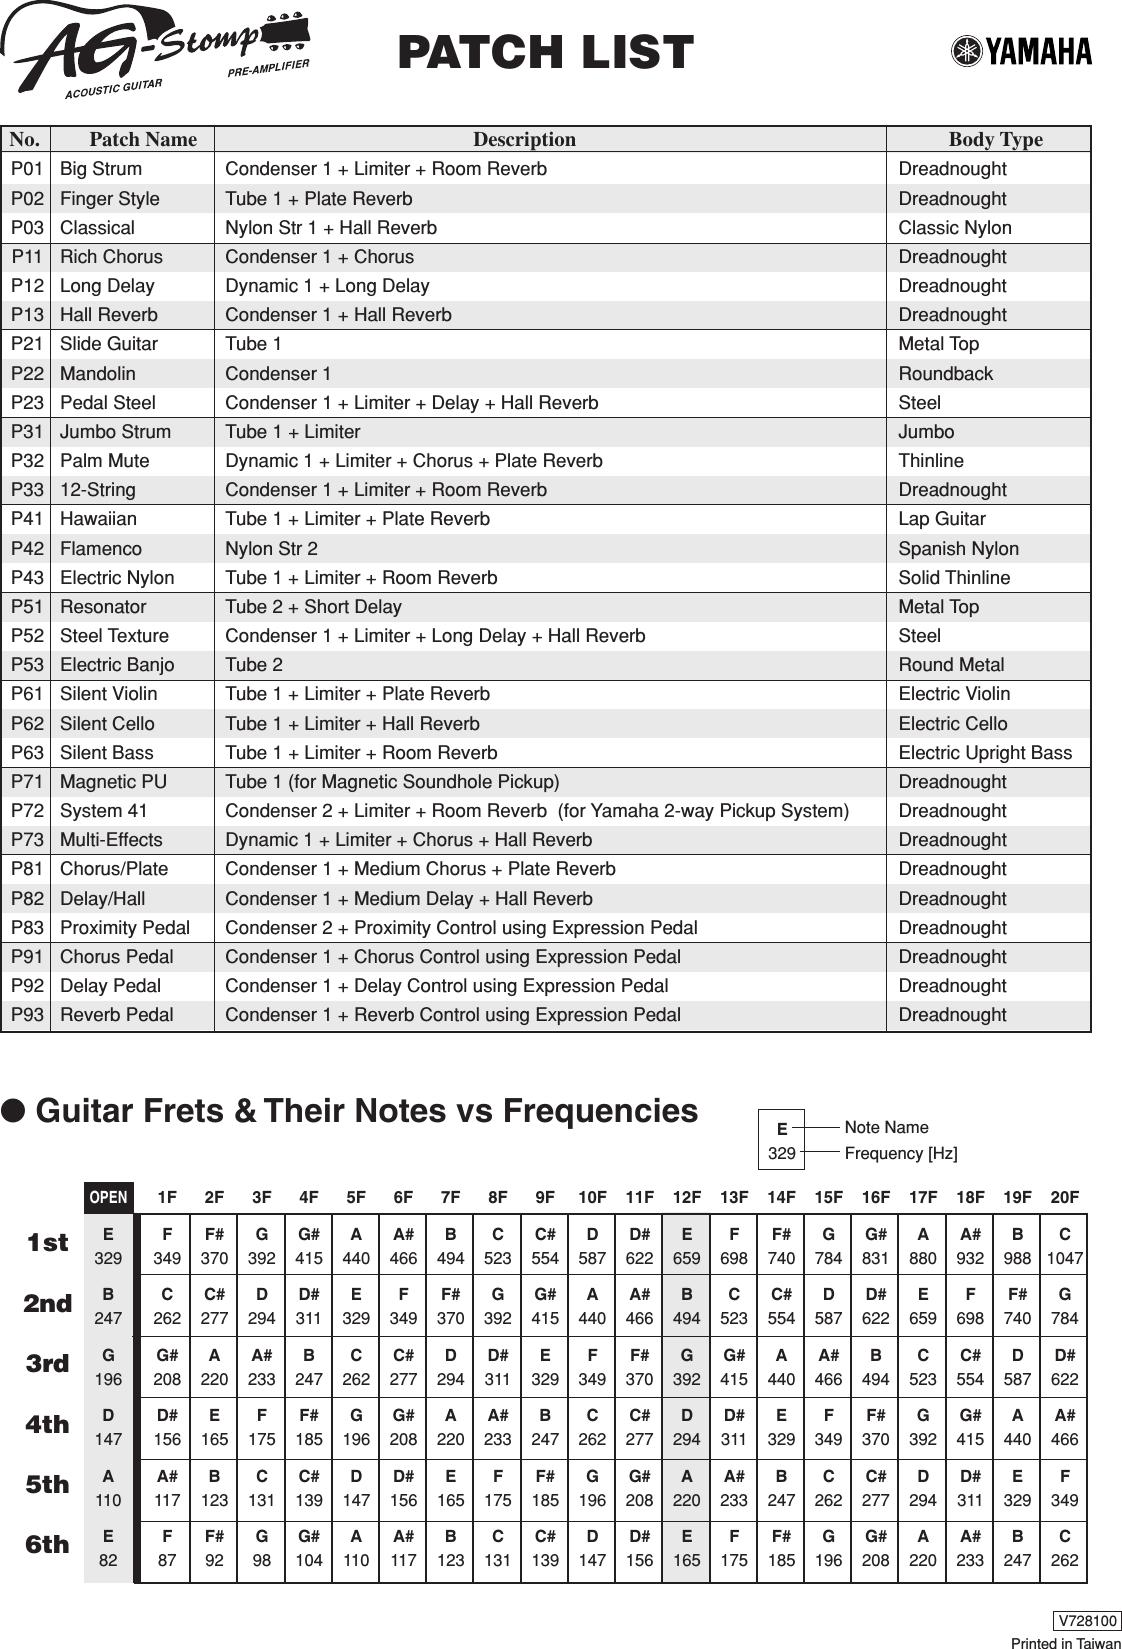 Yamaha AGS/PatchList2 AG Stomp Patch List Agstomp En2